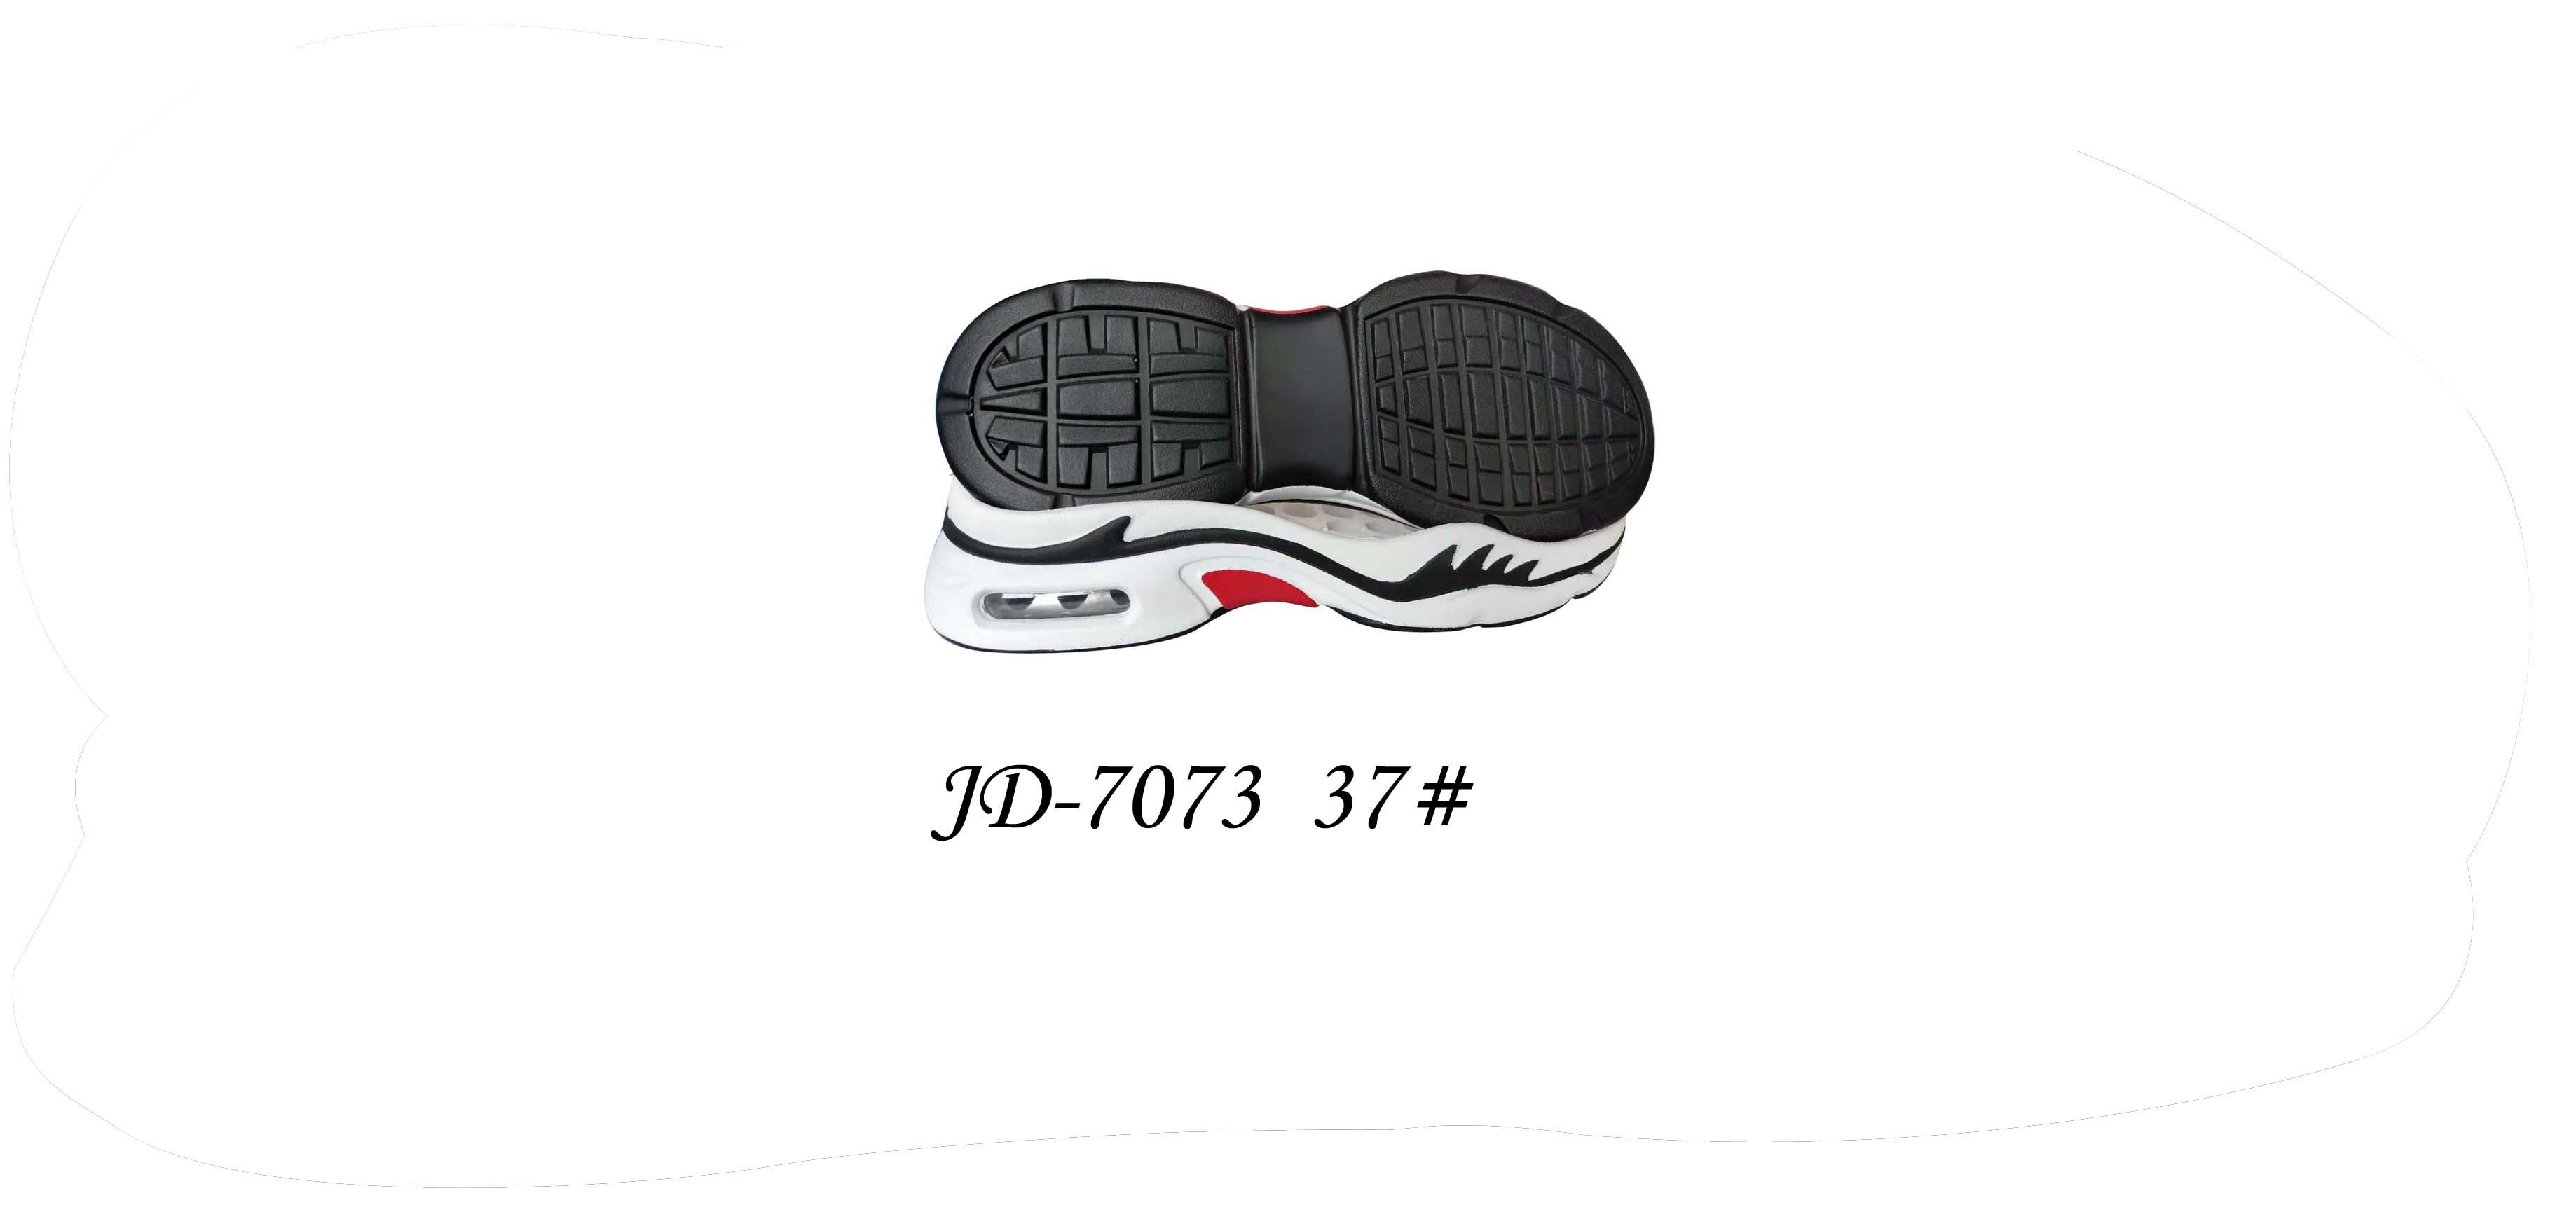 鞋底 PU 女段 休闲鞋 三色 37 一体 JD-7073